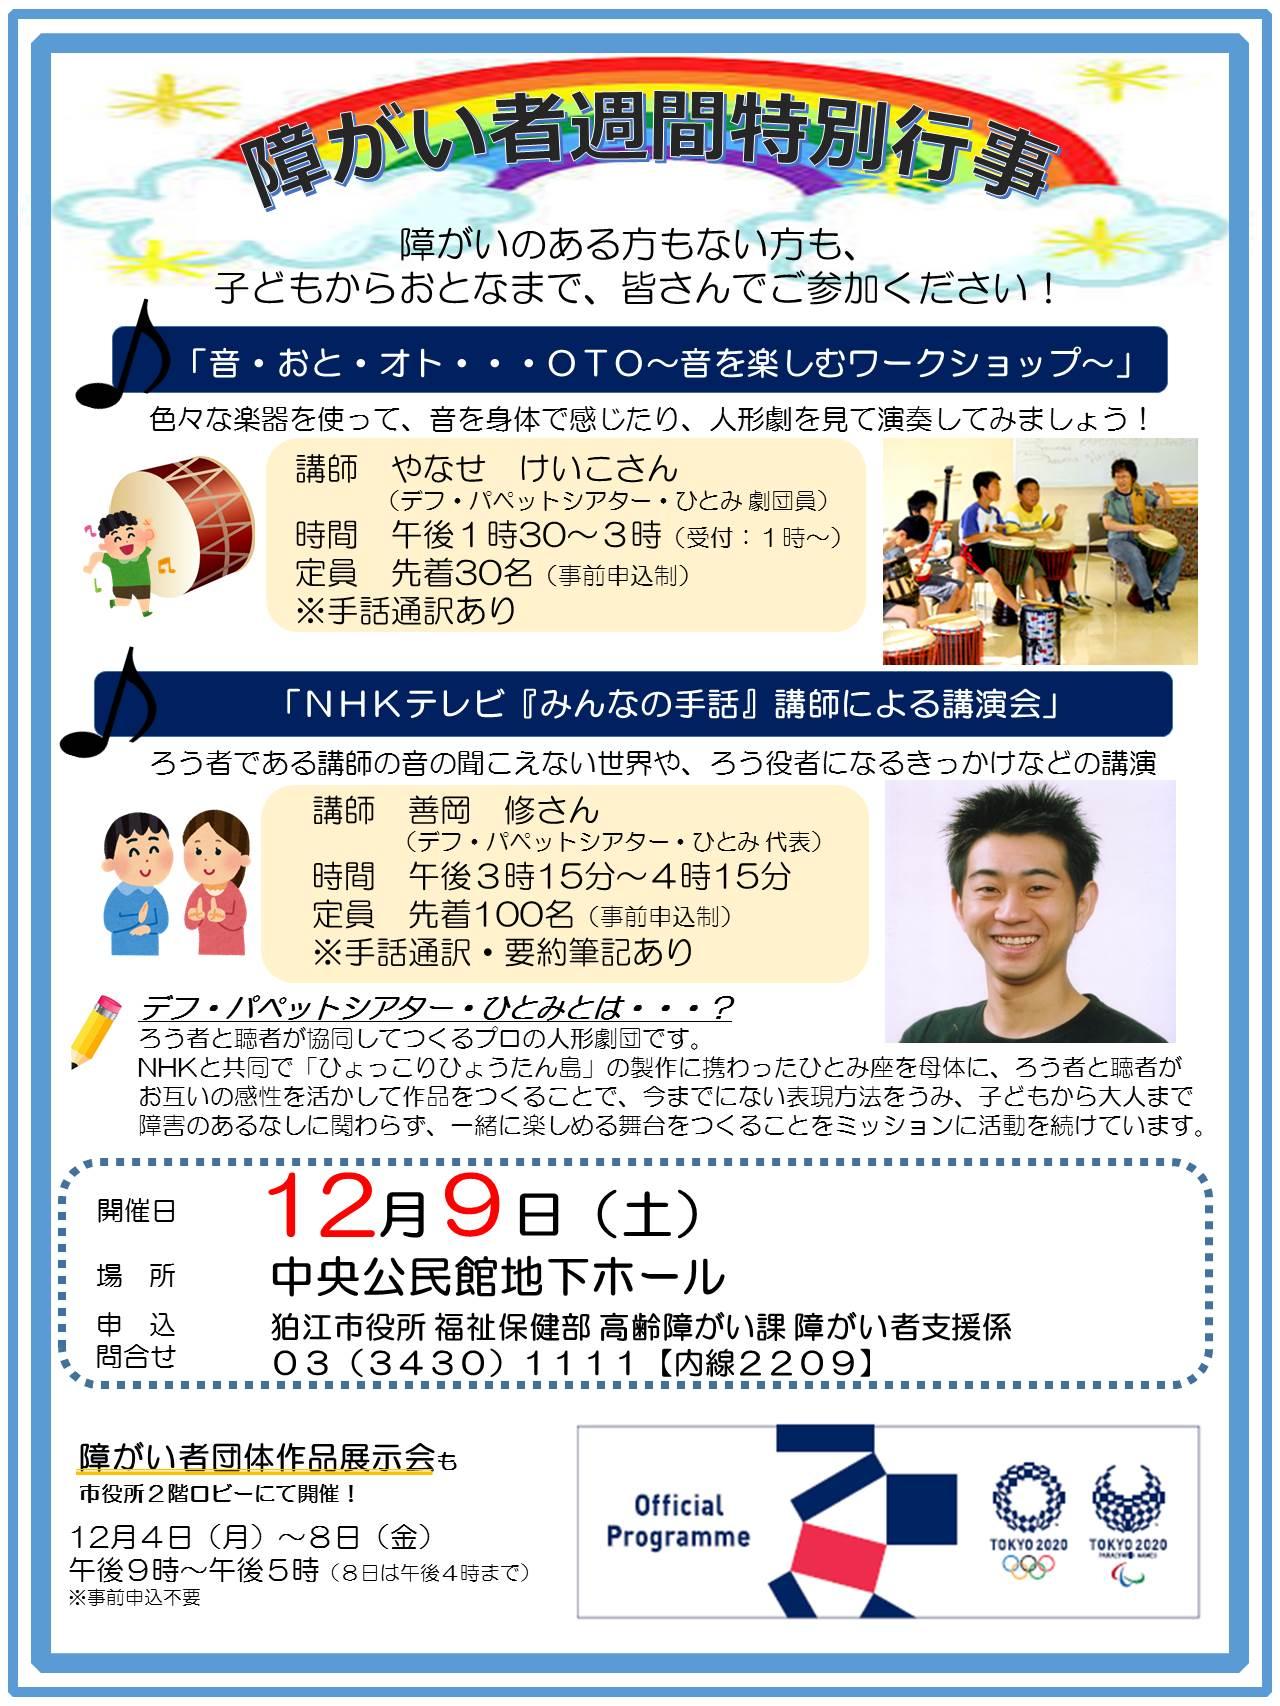 H29障がい者週間行事ポスター(ロゴあり).jpg